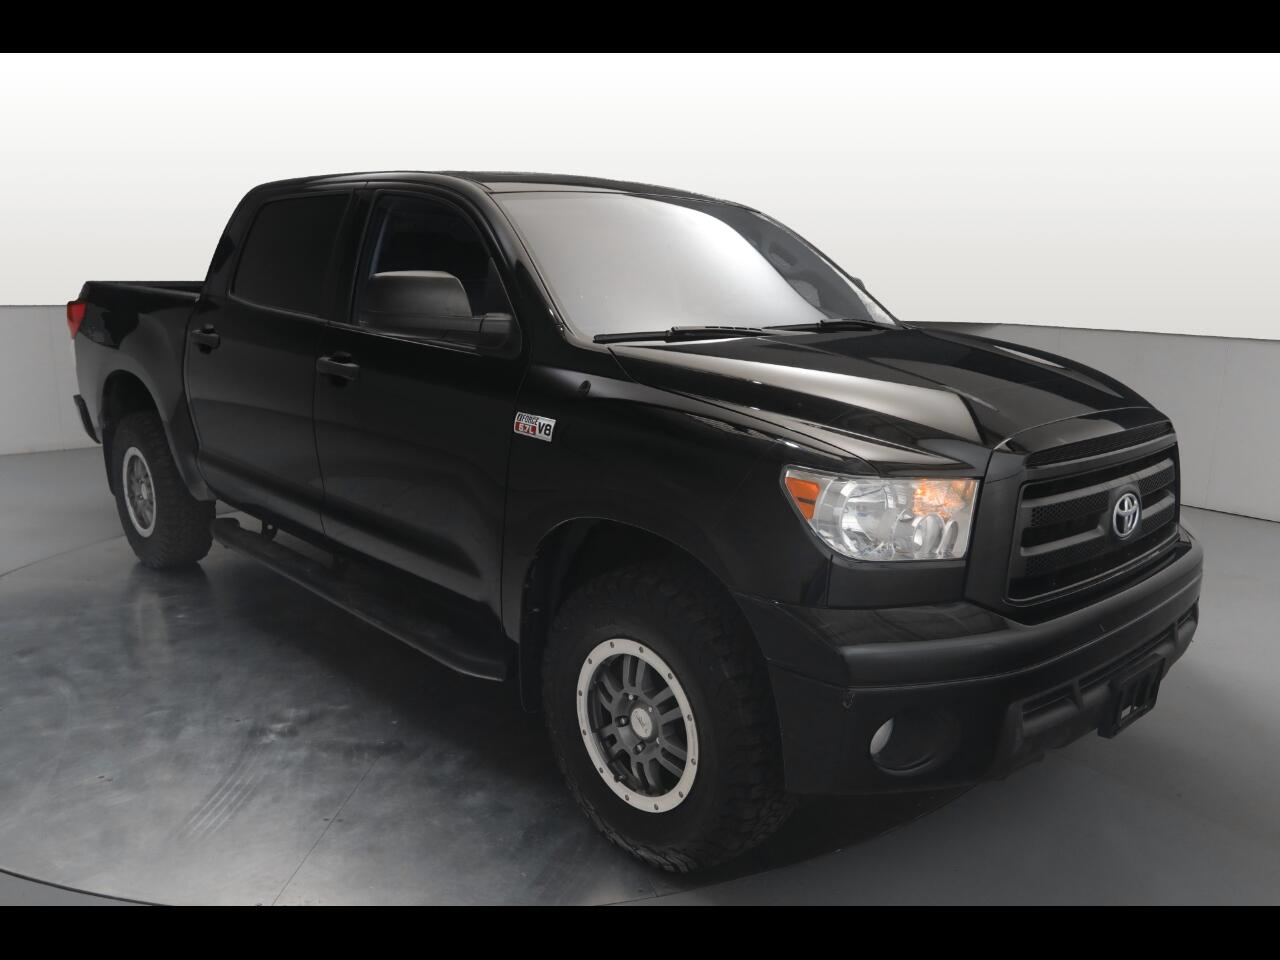 2013 Toyota Tundra Tundra-Grade CrewMax 5.7L 4WD